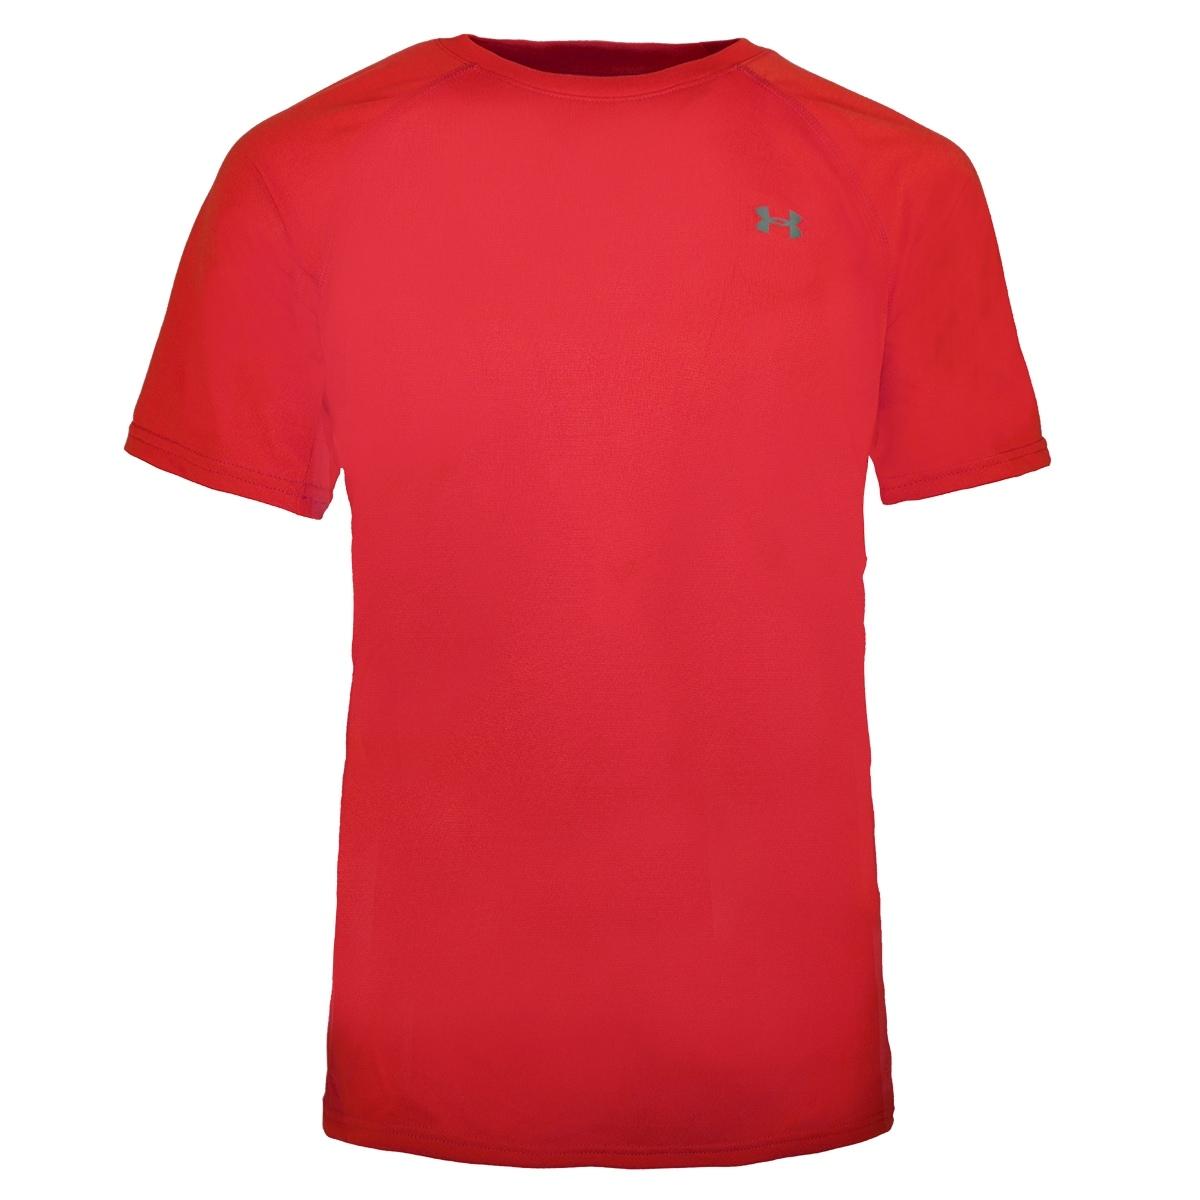 Lot Of 5 Boys Short Sleeve Shirts 12 Size Large 10 Good Taste